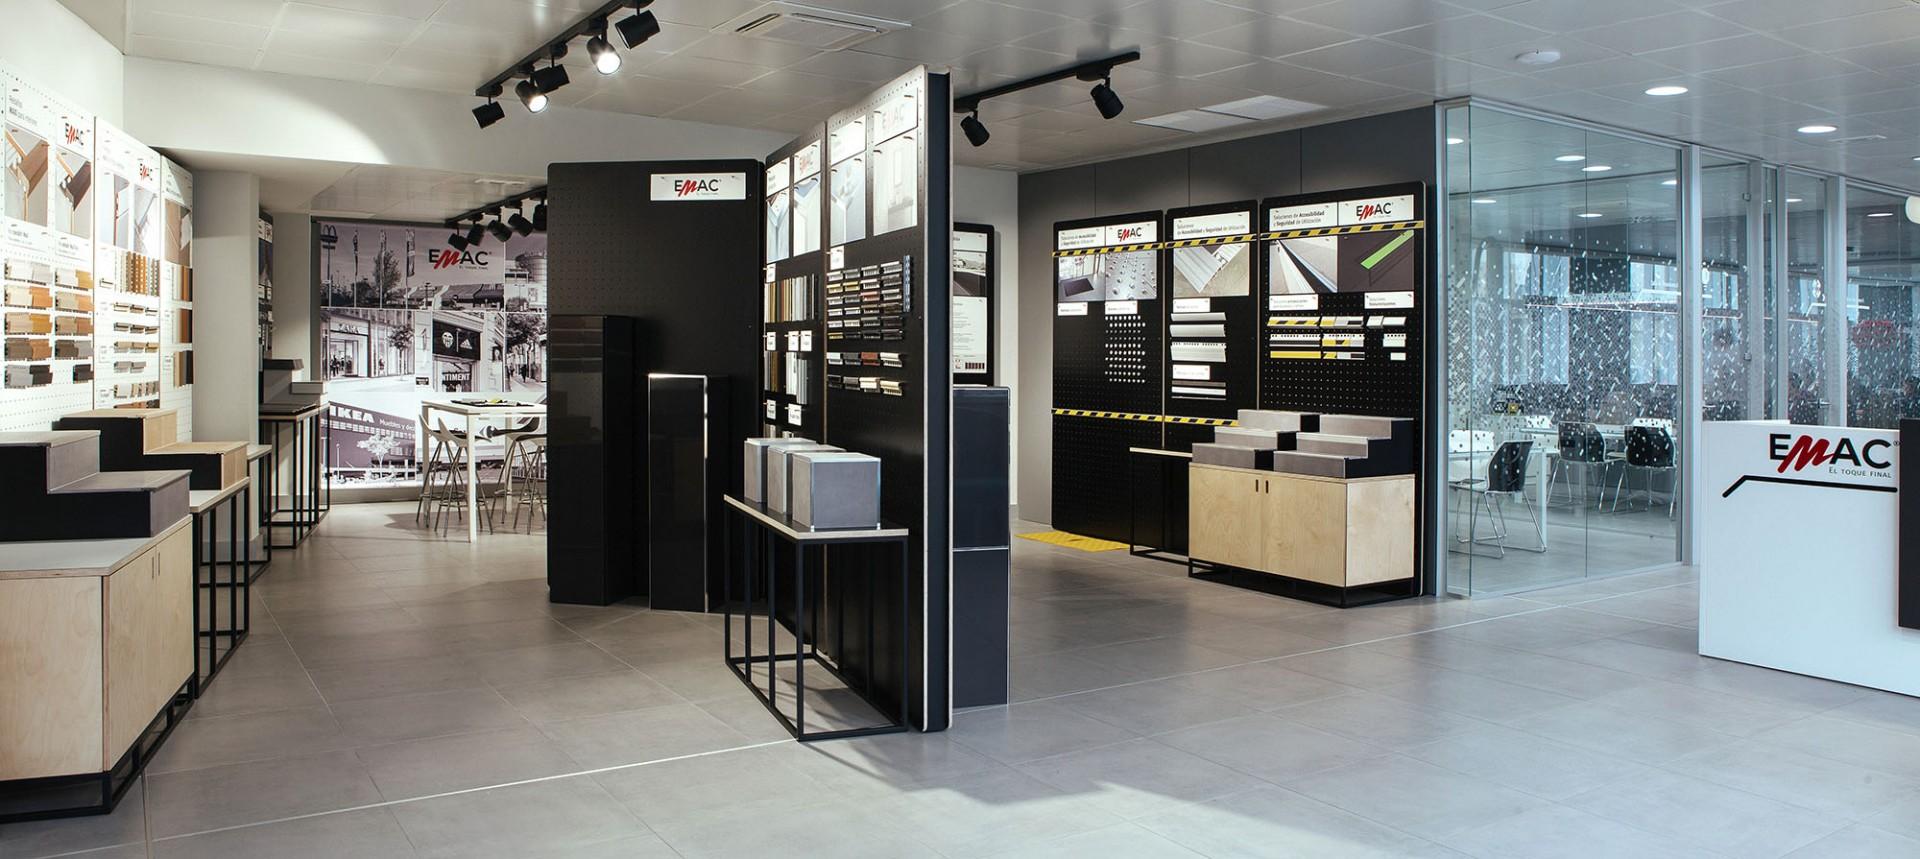 Showroom para oficinas EMAC diseñado por Samaruc Estudio